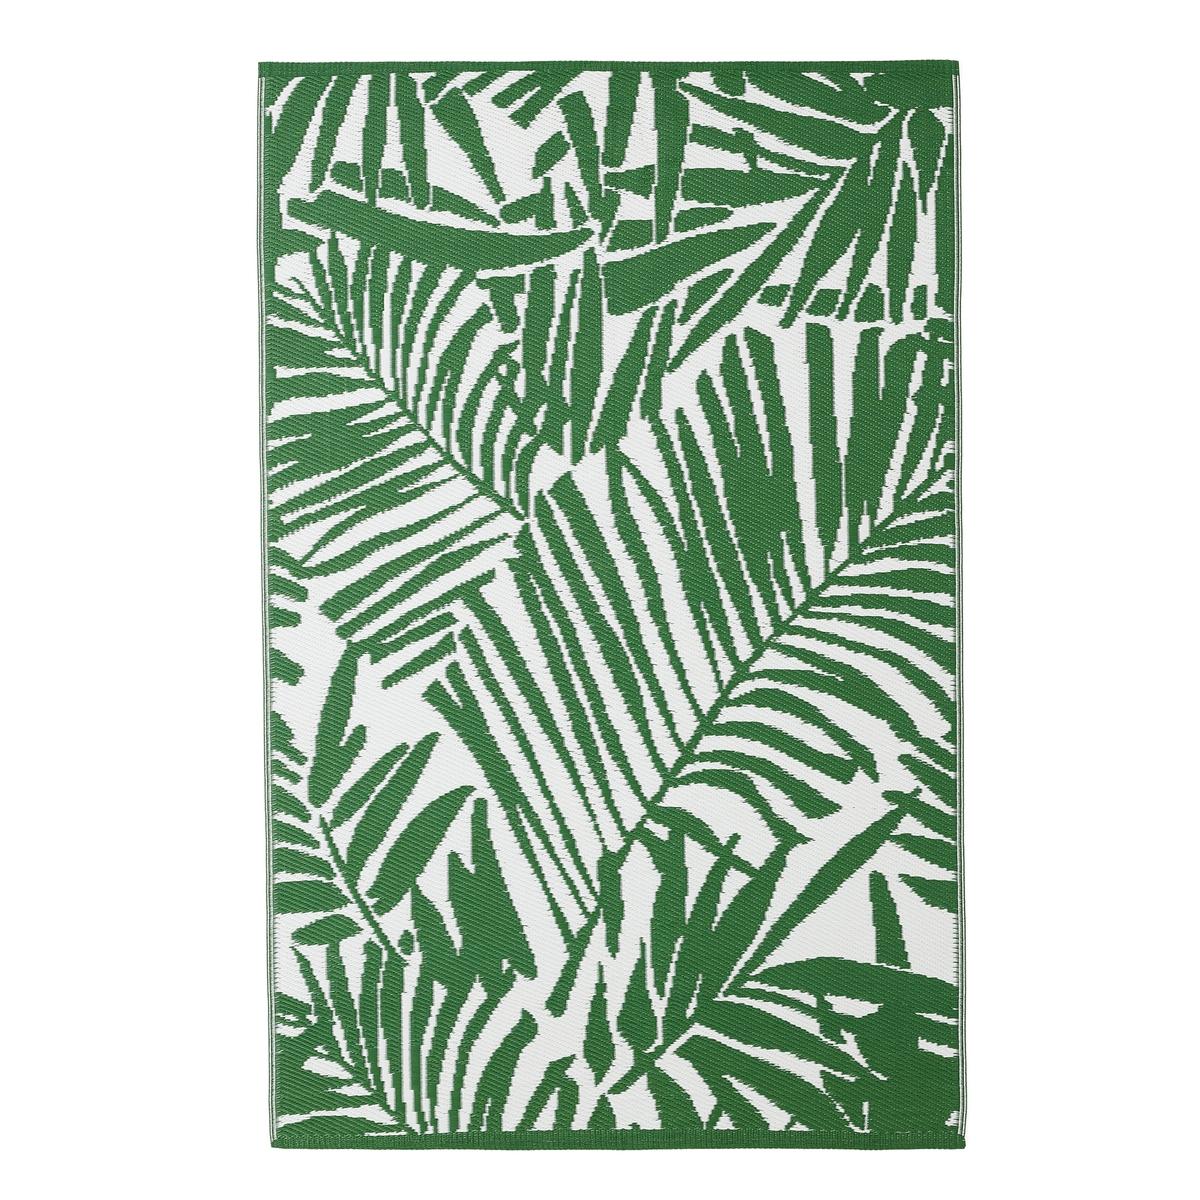 Коврик La Redoute Входной с рисунком пальмовые листья CATALPA 120 x 170 см зеленый ковер la redoute горизонтального плетения с рисунком цементная плитка iswik 120 x 170 см бежевый